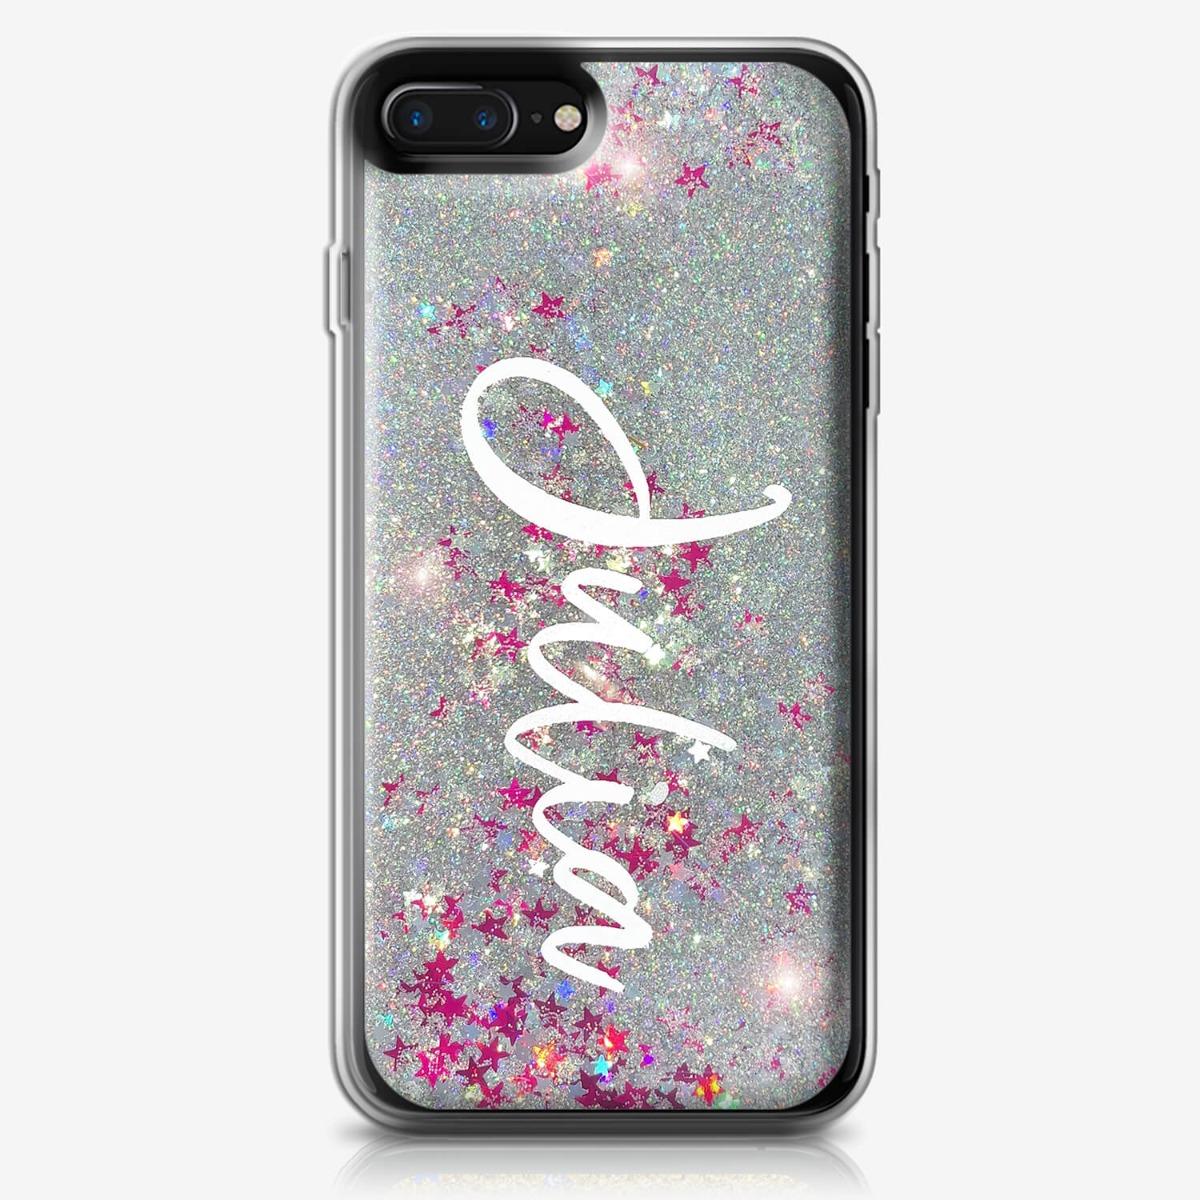 iPhone 7 Plus Glitter Case 16263